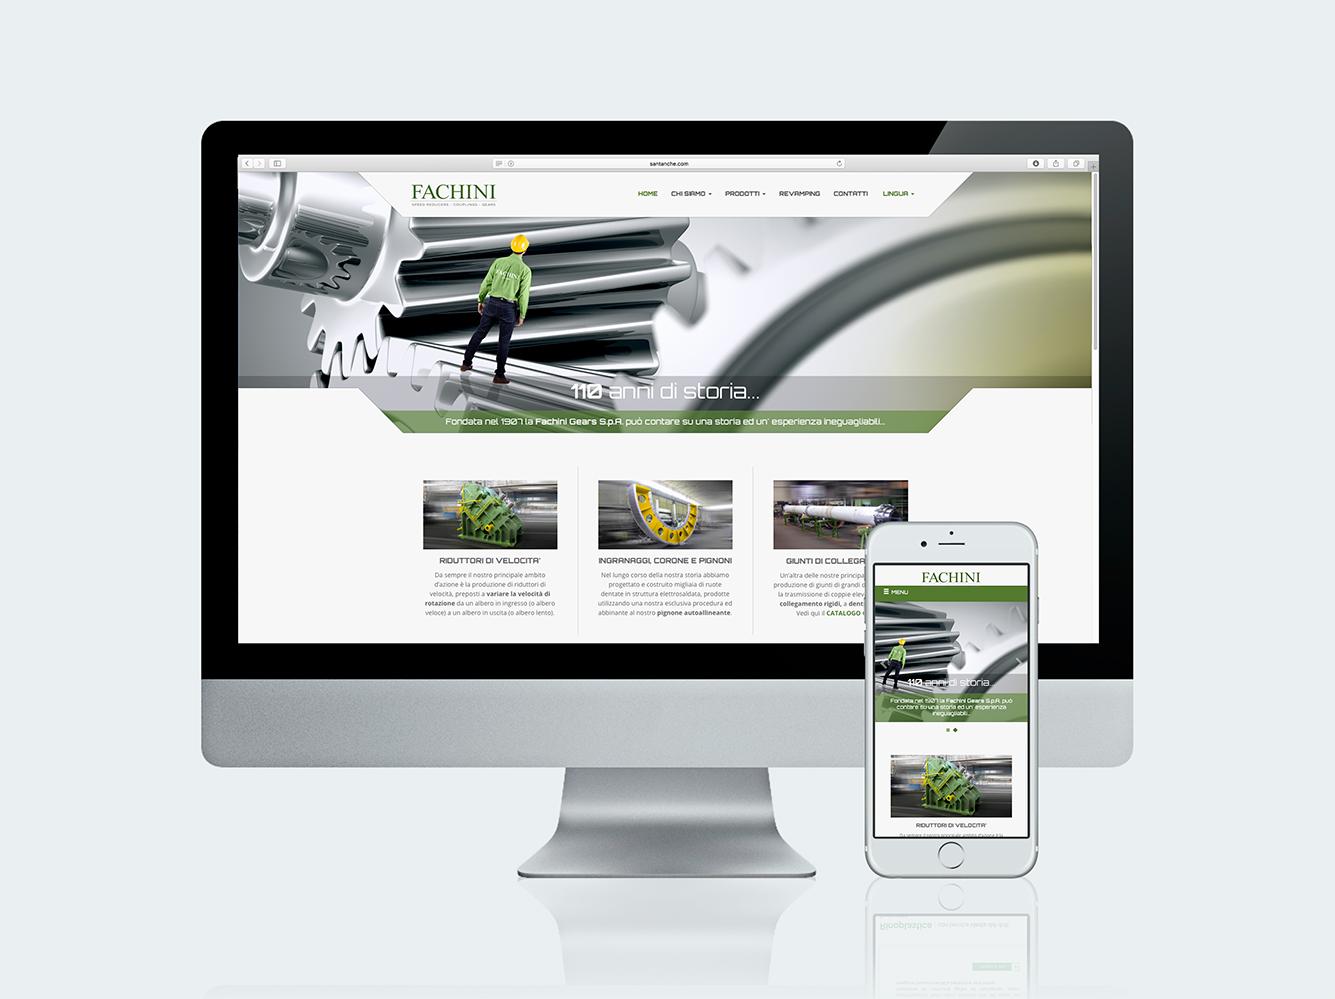 Creazione siti web - Fachini Gears